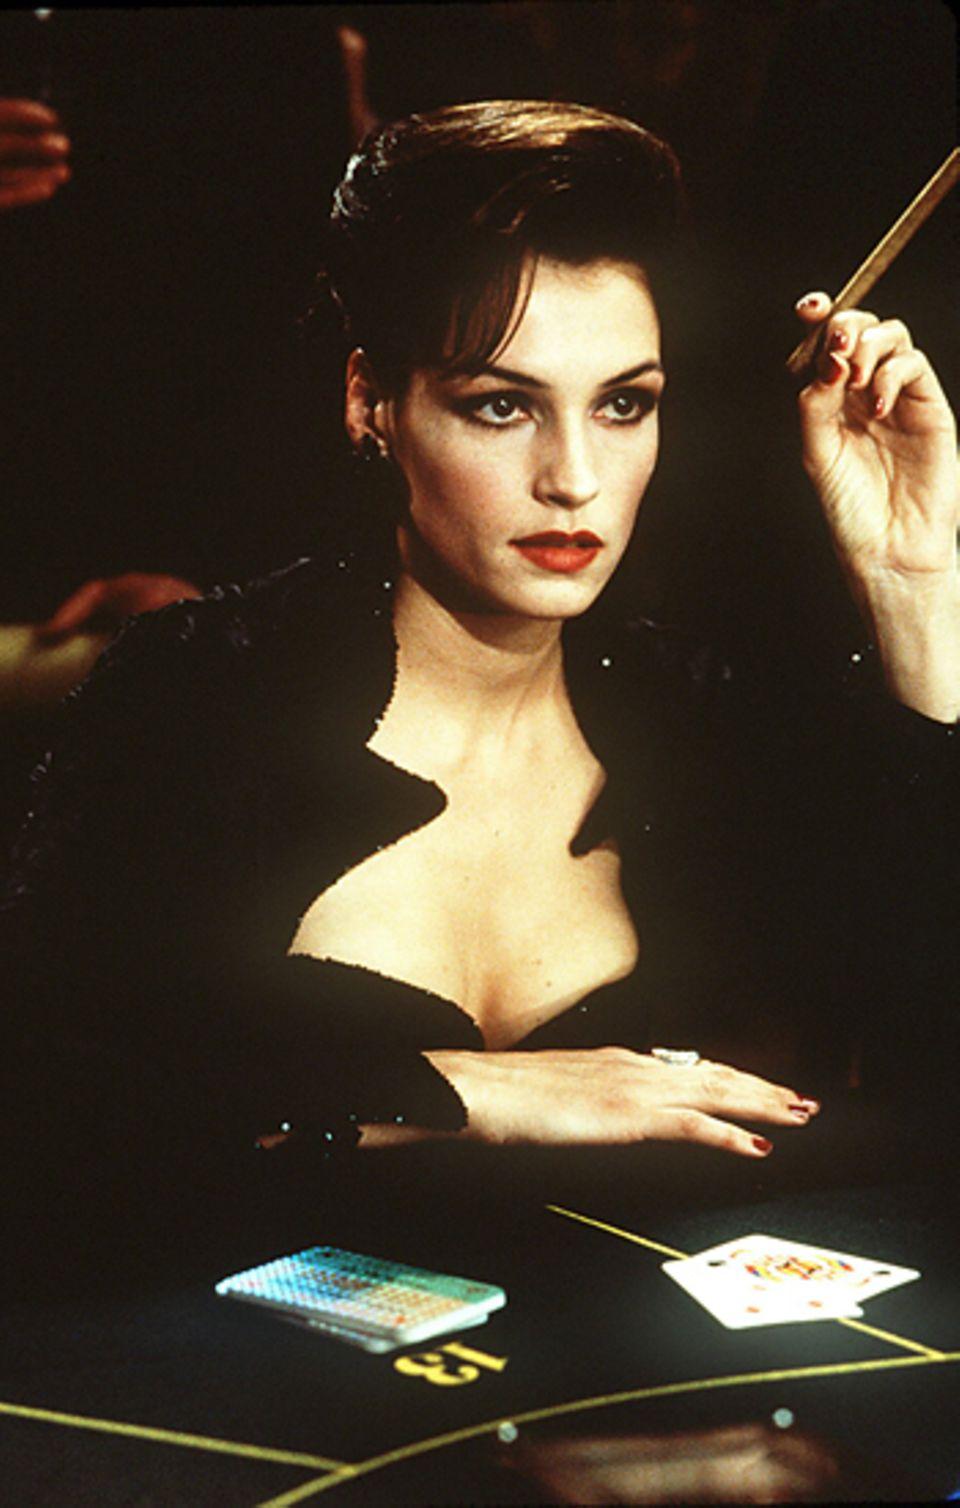 """Bond Girls: Famke Janssen 1995 in """"GoldenEye"""""""